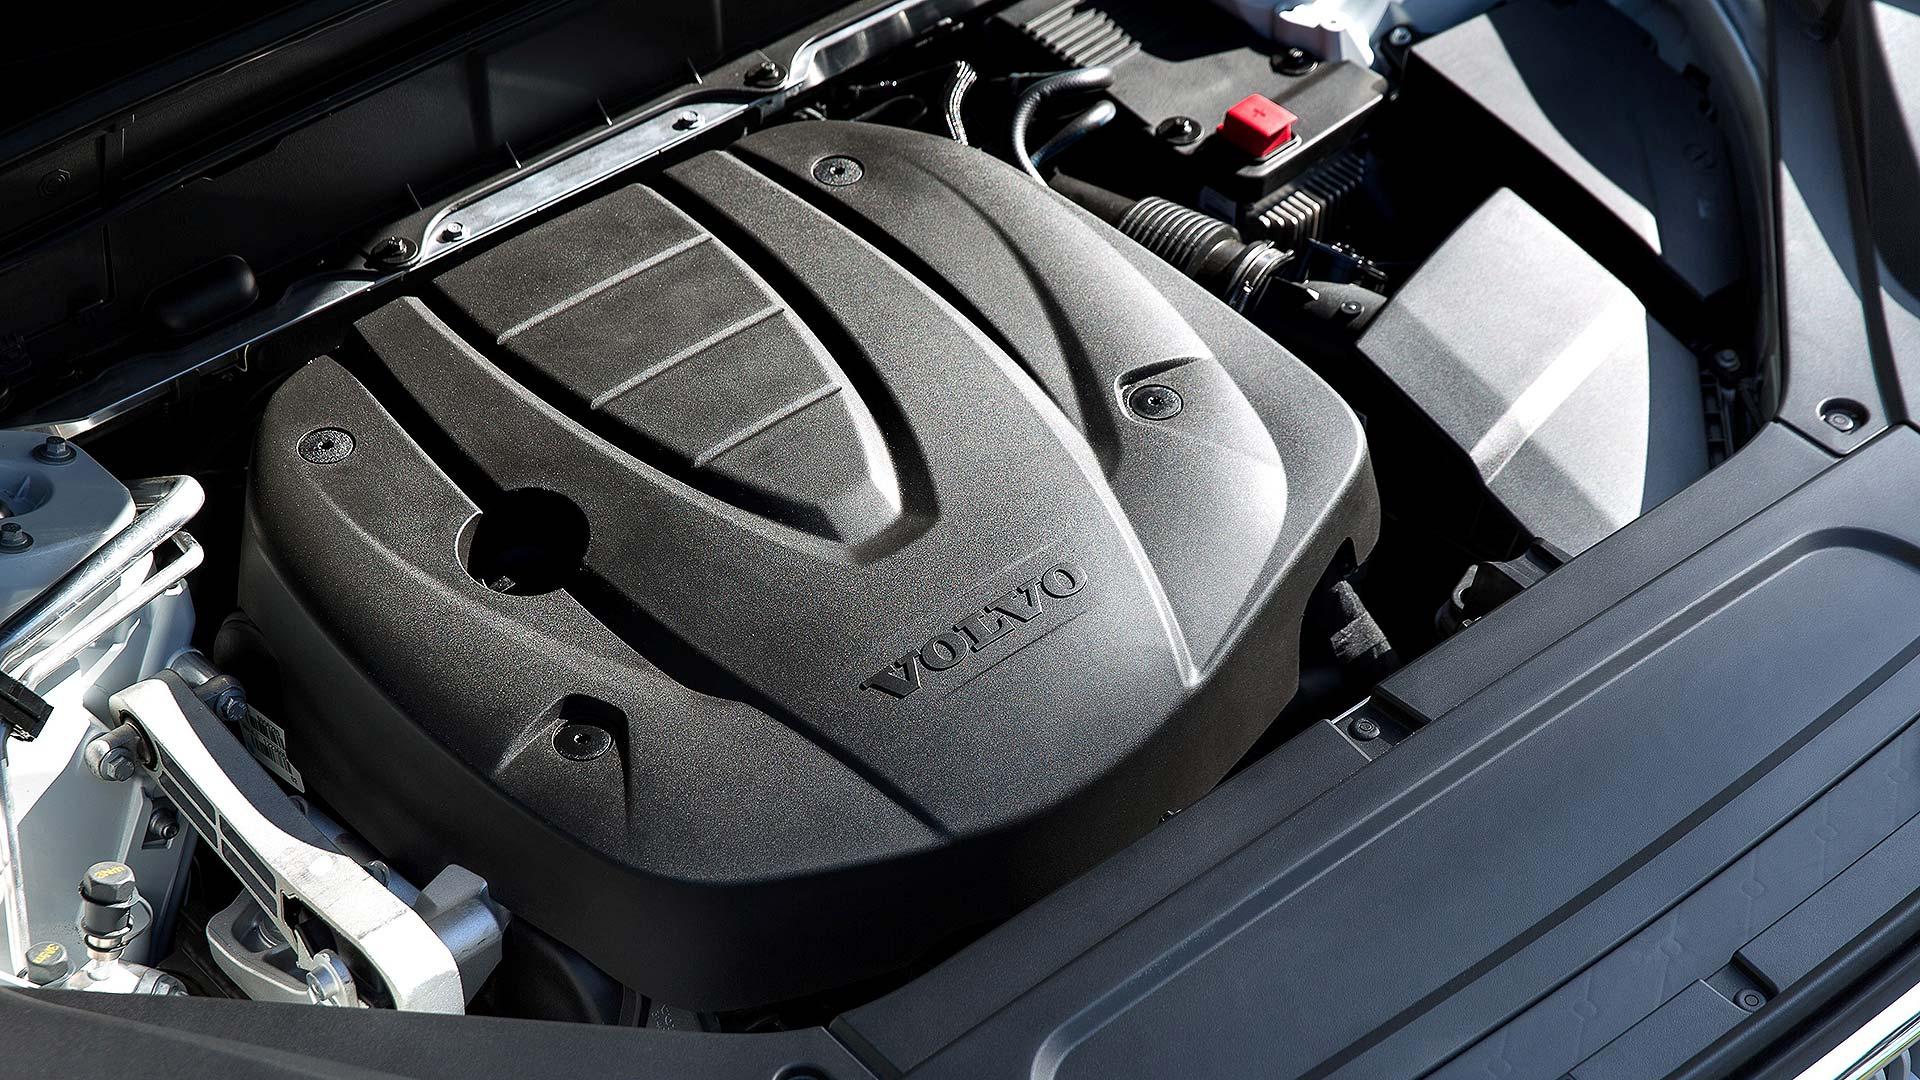 Volvo XC90 diesel engine